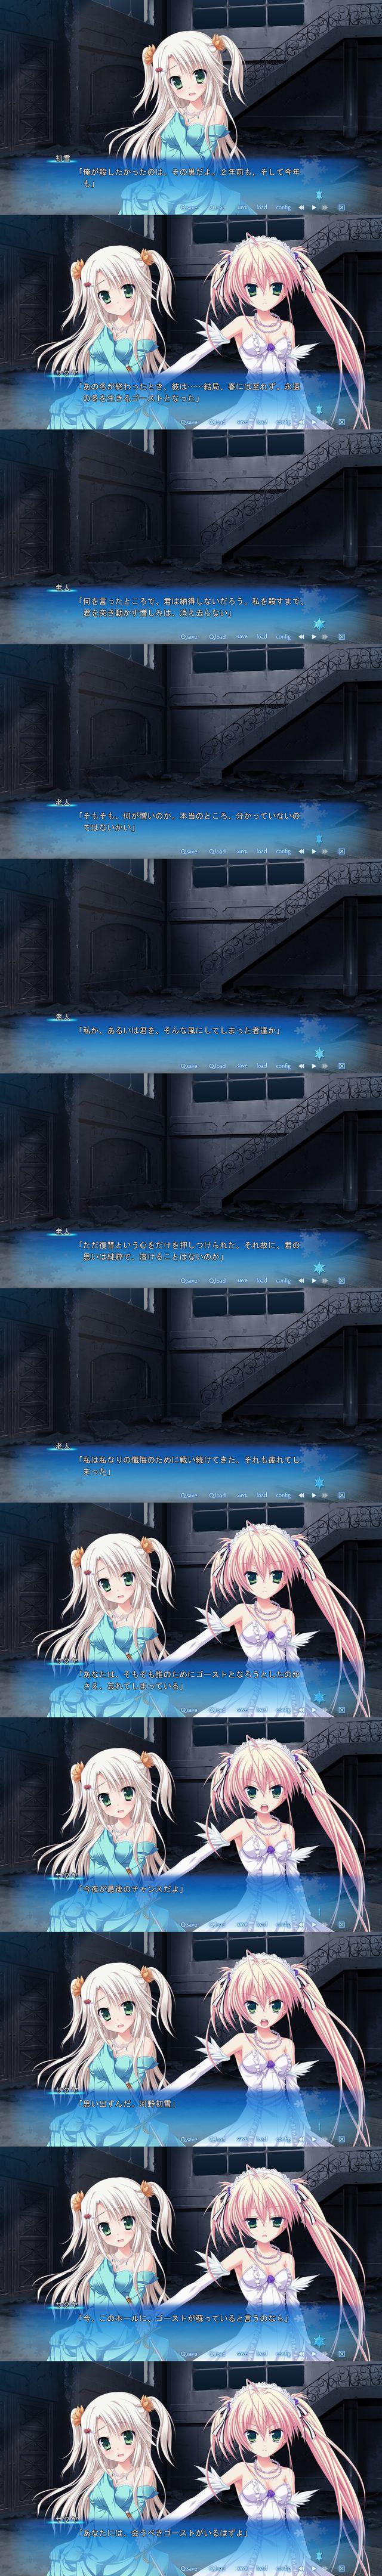 Blog-hatsuyuki17-2.jpg